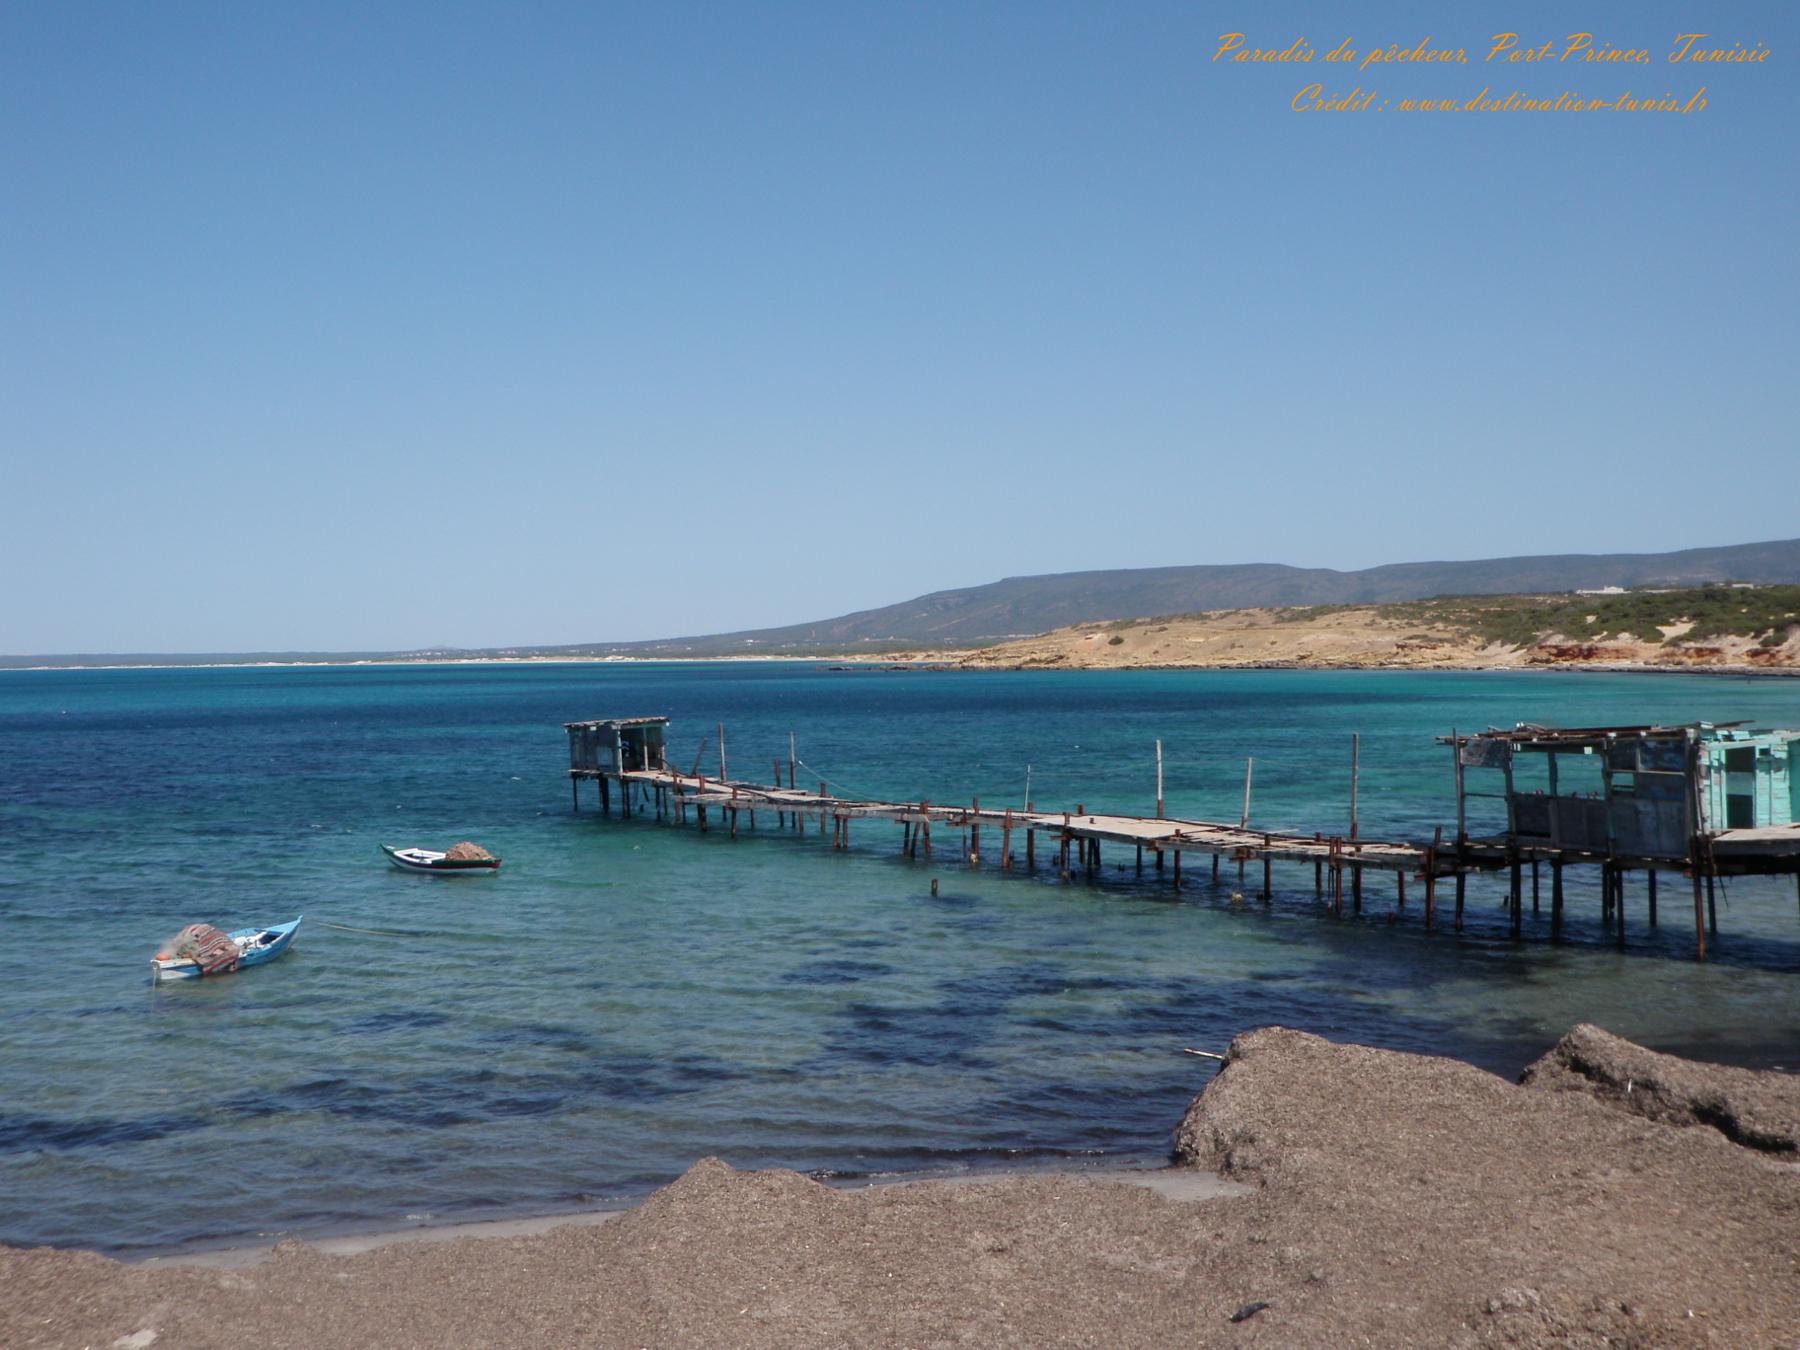 Font d'écran Port Prince Ras Fartass Tunisie